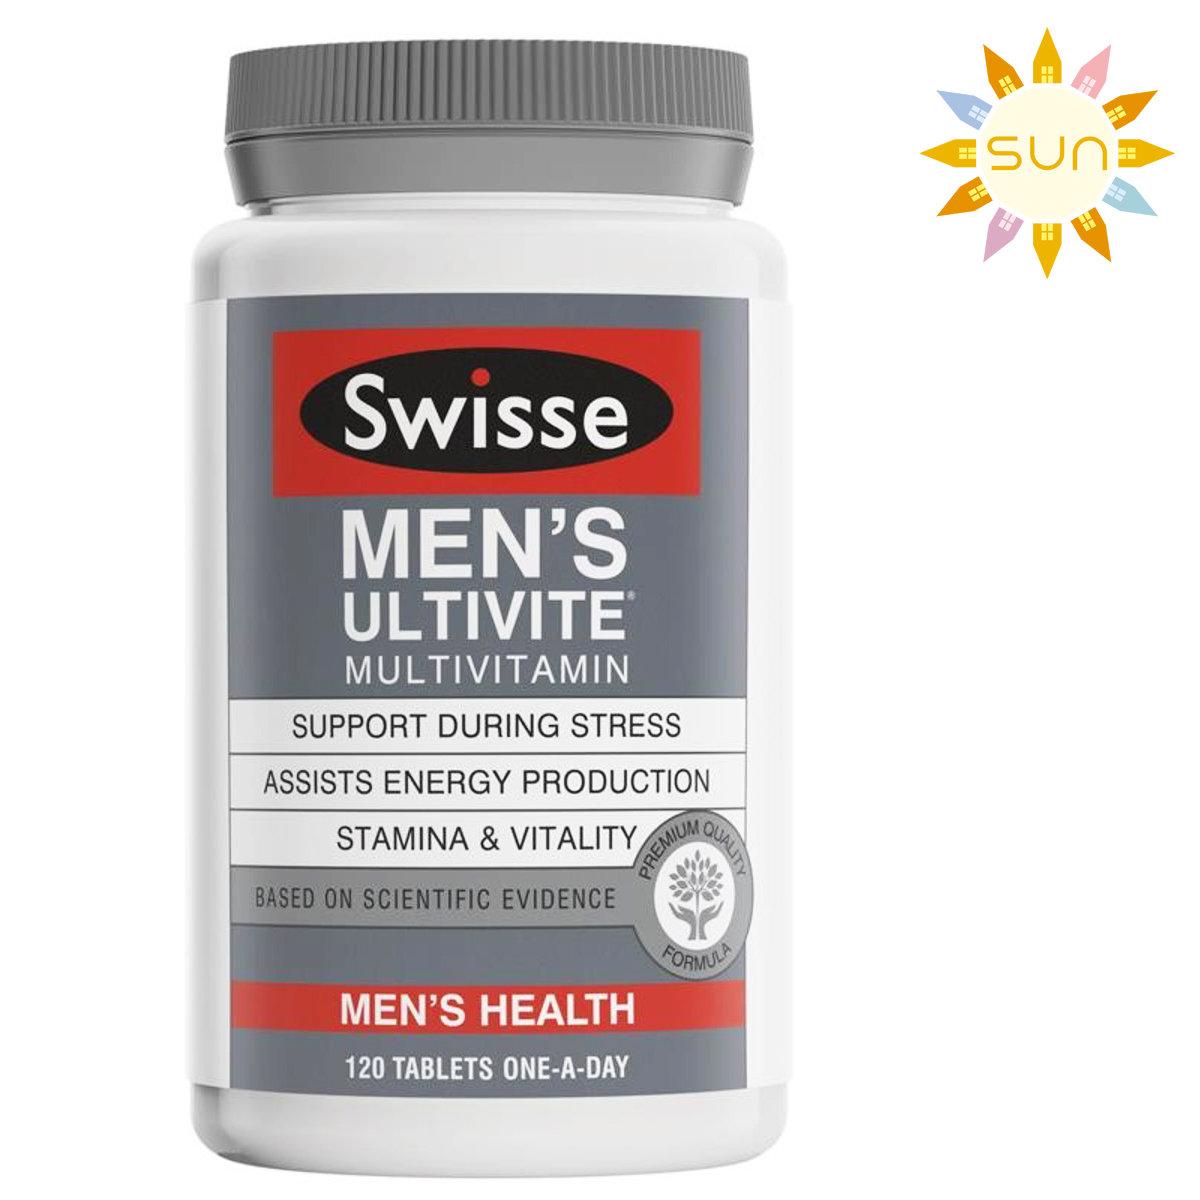 Men's Ultivite Multivitamin120 Tablets